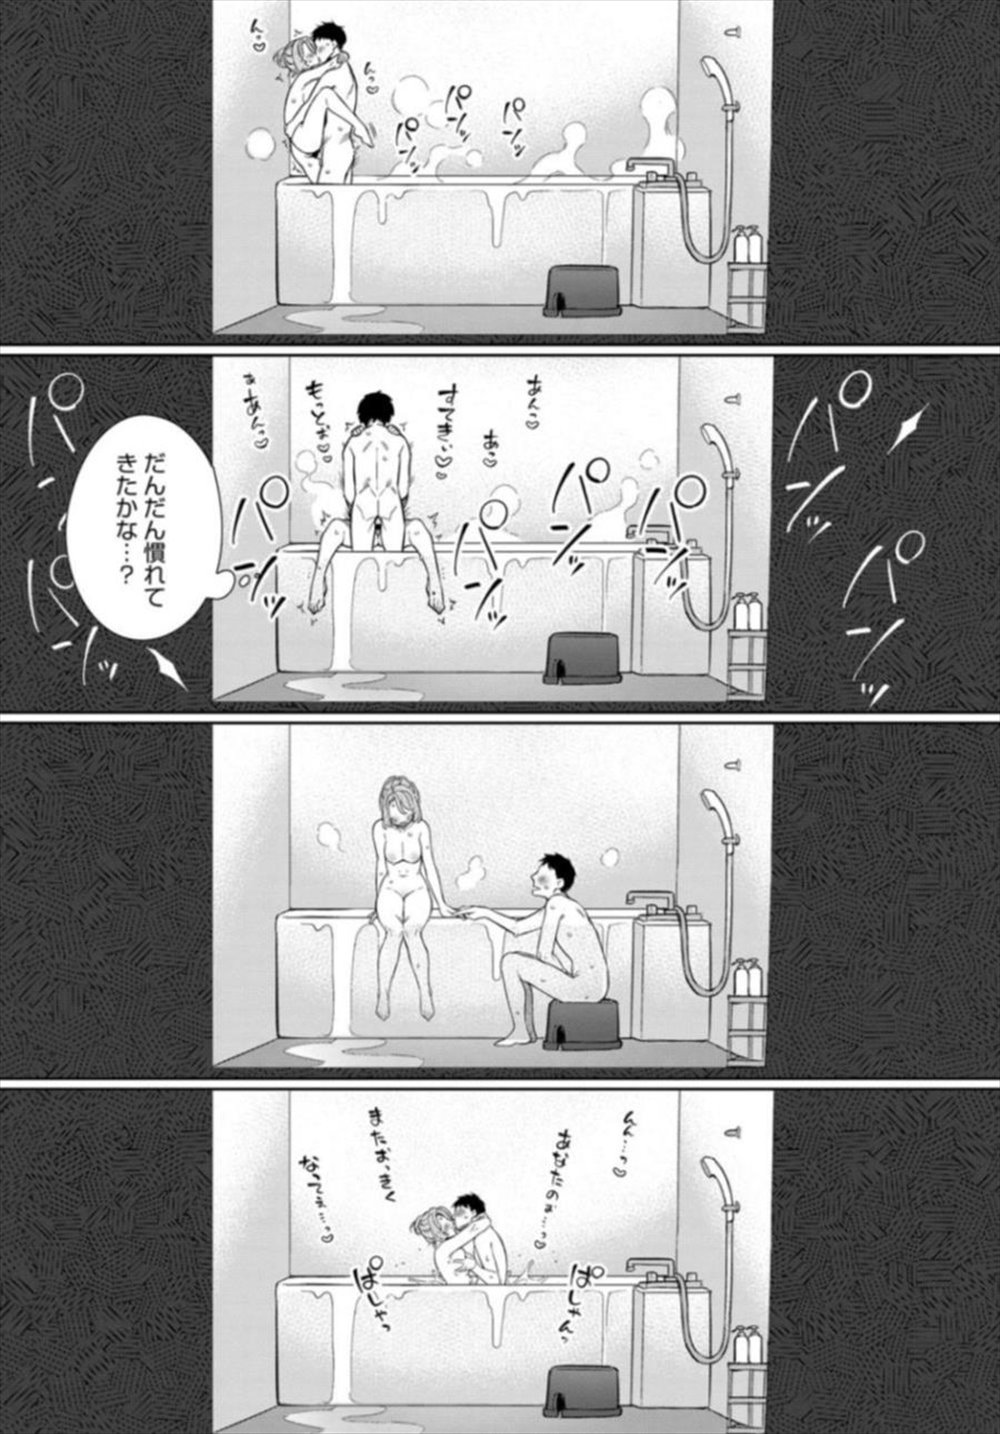 【エロ漫画】全裸を見せてくれない妻…理由がわかってお風呂でイチャラブエッチ【ぎうにう:上のおくちと下のおくちと、】